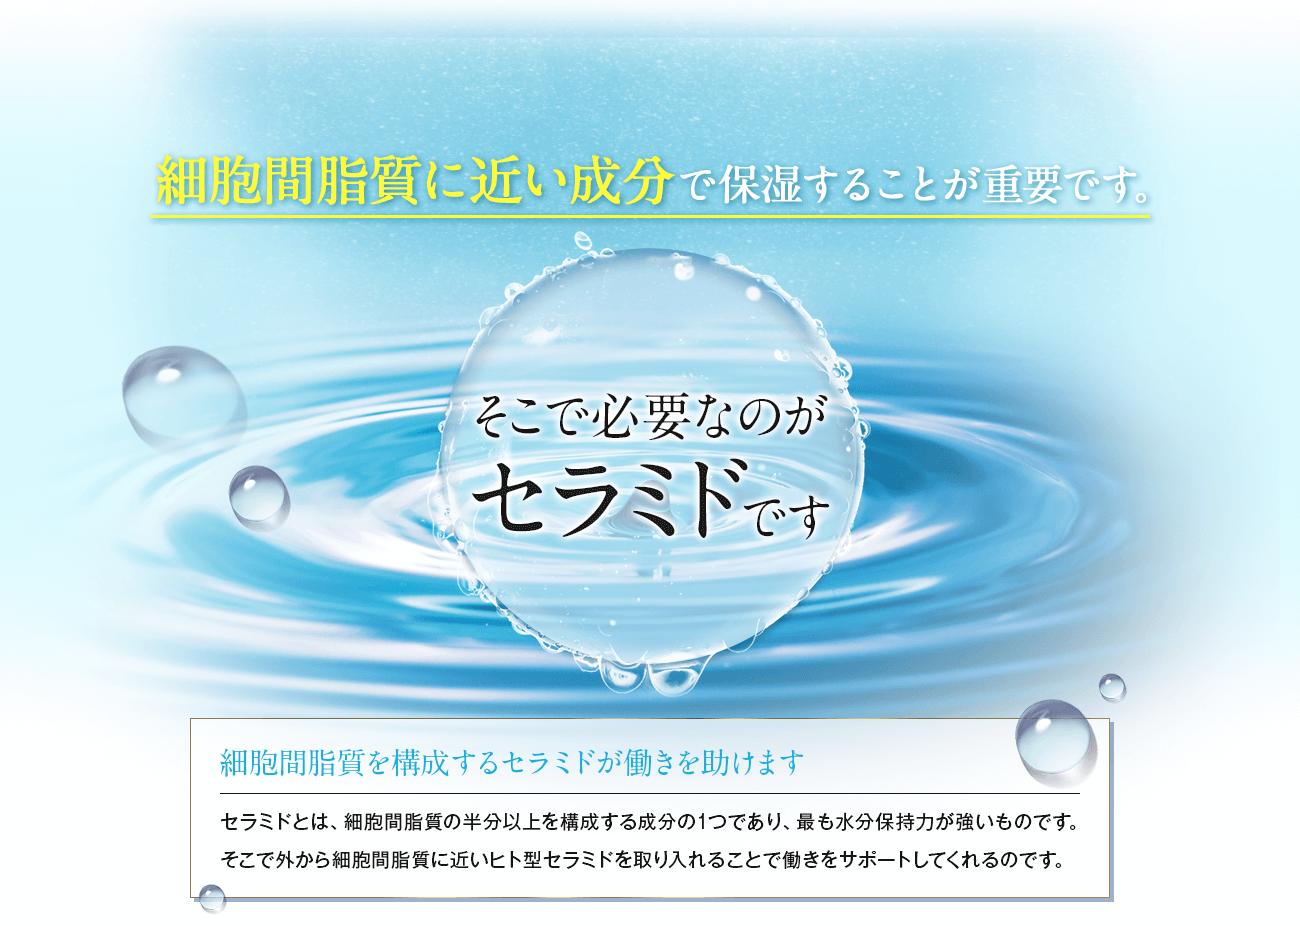 細胞間脂質に近い成分で保湿することが重要です